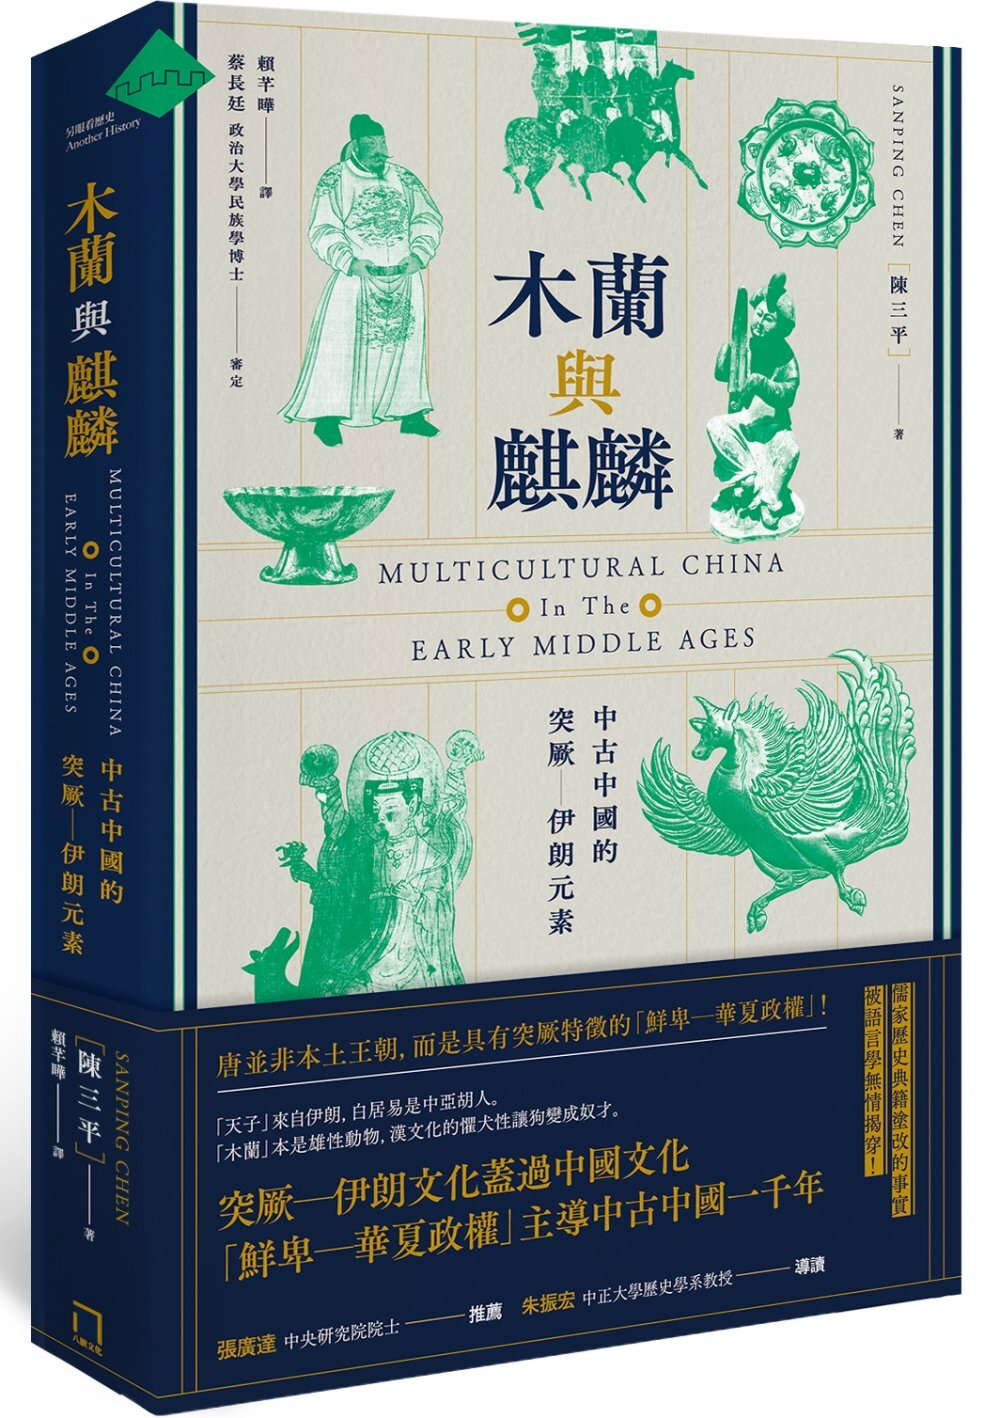 木蘭與麒麟:中古中國的突厥 伊朗元素